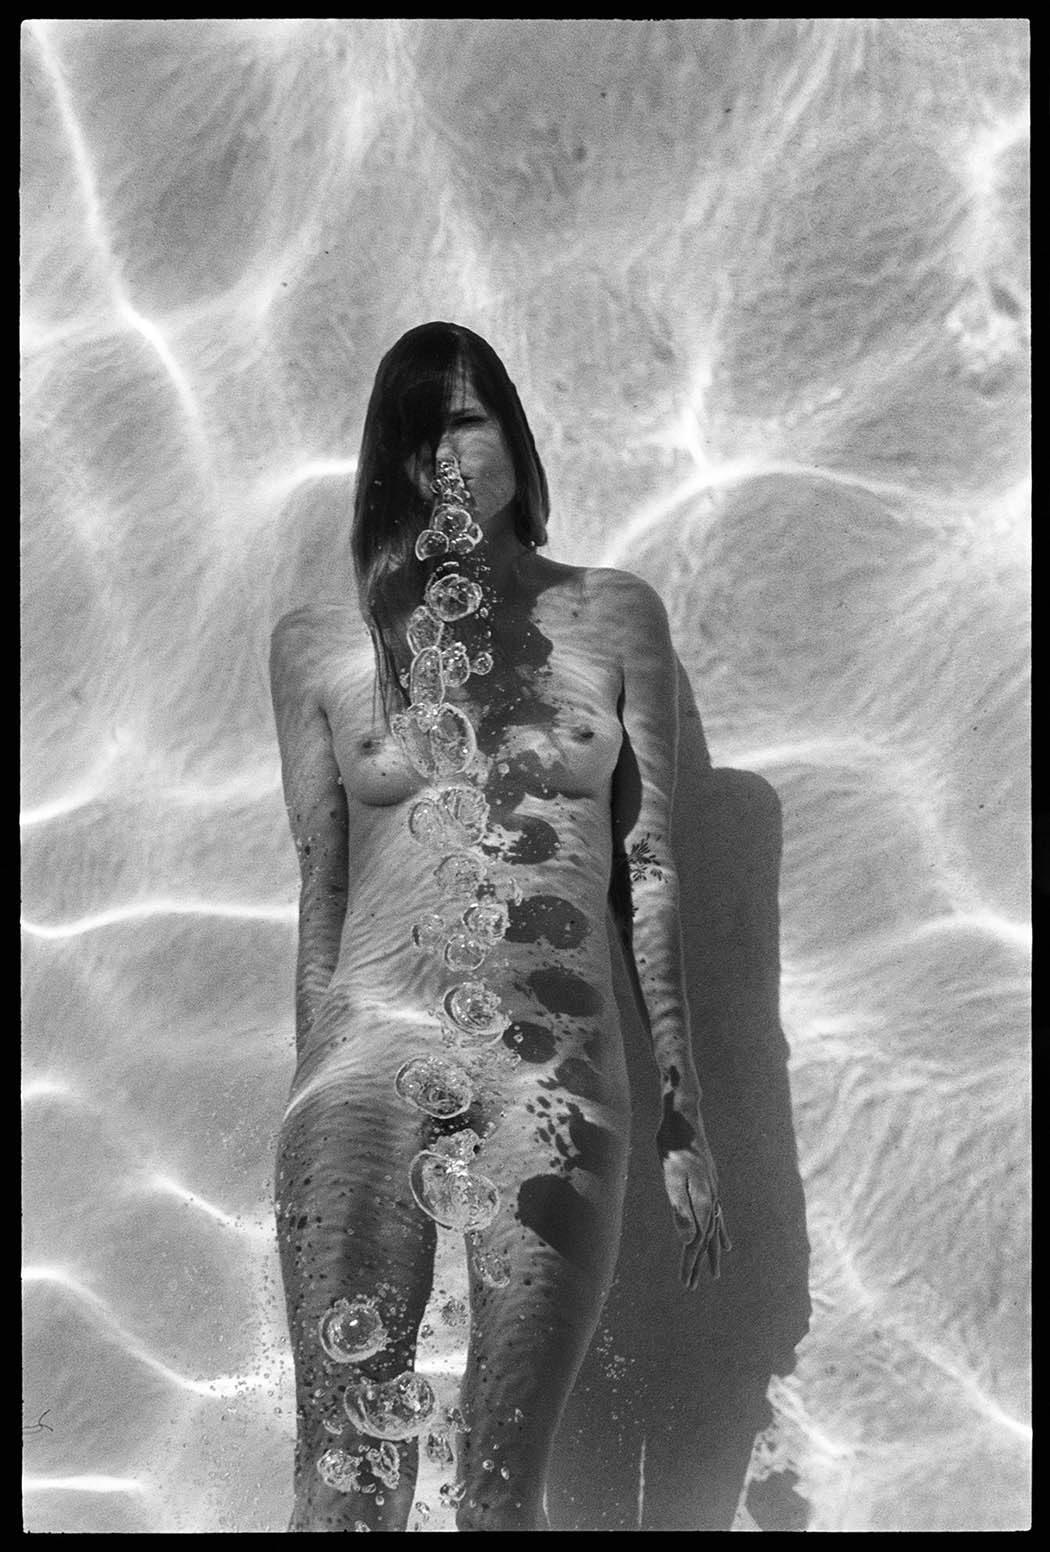 The Swimming Pool, la serie di corpi nudi immersi nell'acqua di Deanna Templeton | Collater.al 8